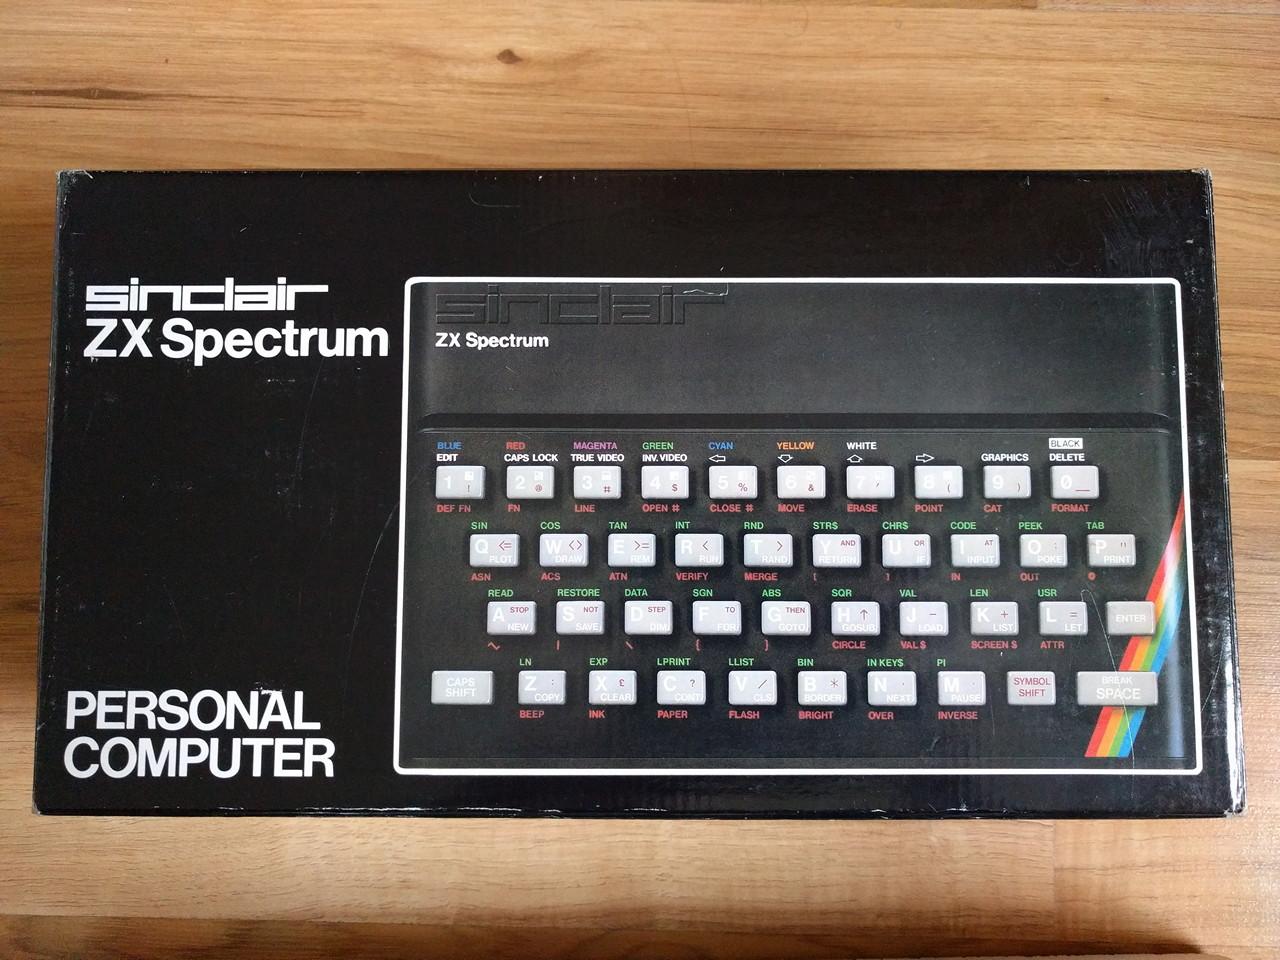 ZX Spectrum в России и СНГ: как стремление в онлайн трансформировало оффлайн - 7